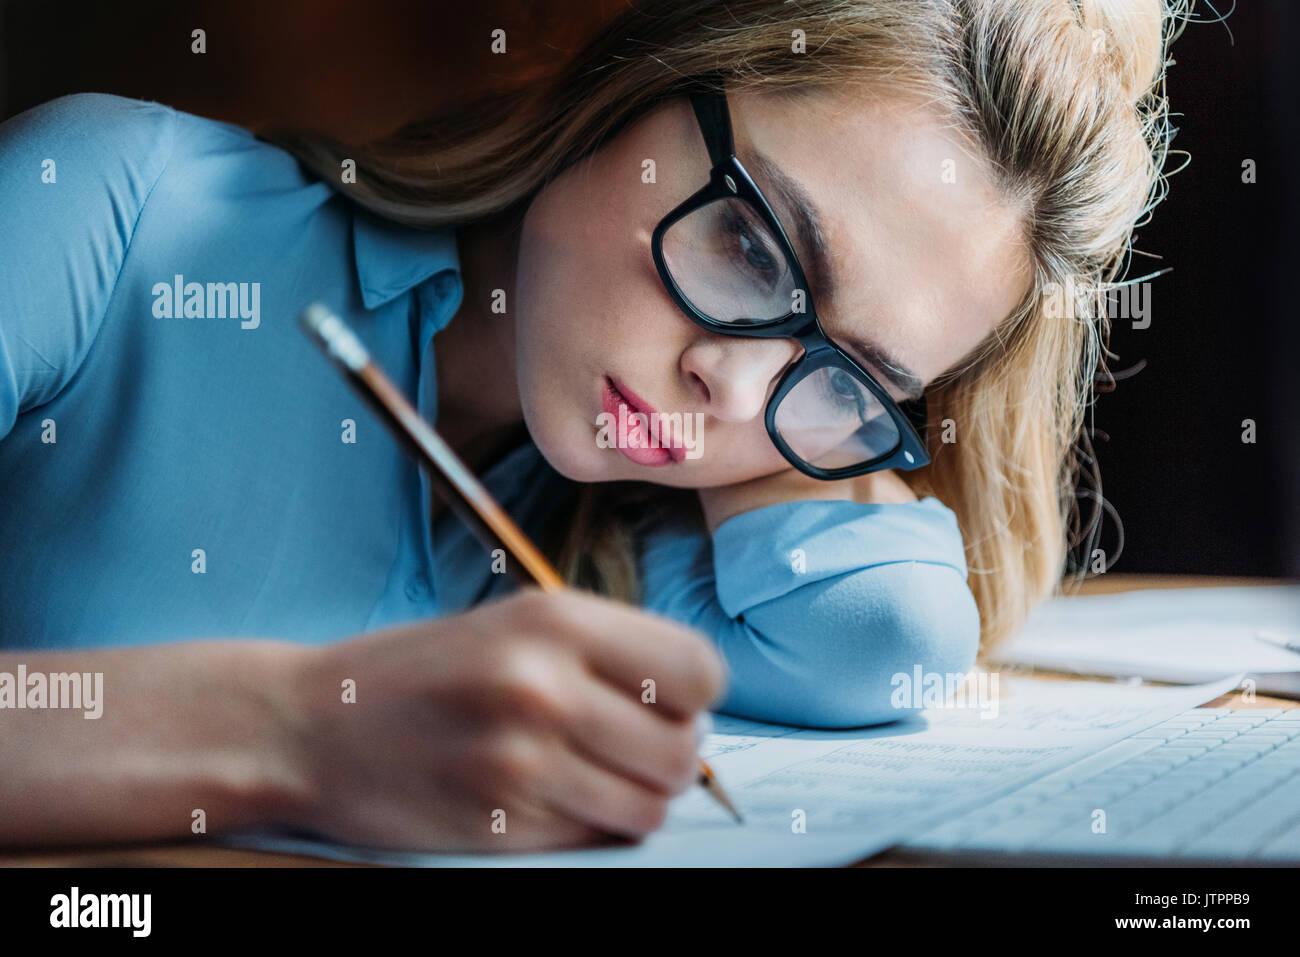 Blonde fatiguée caucasian student dans lunettes couché sur la main et d'écrire quelque chose avec un crayon, de l'étude jusqu'à la fin Photo Stock